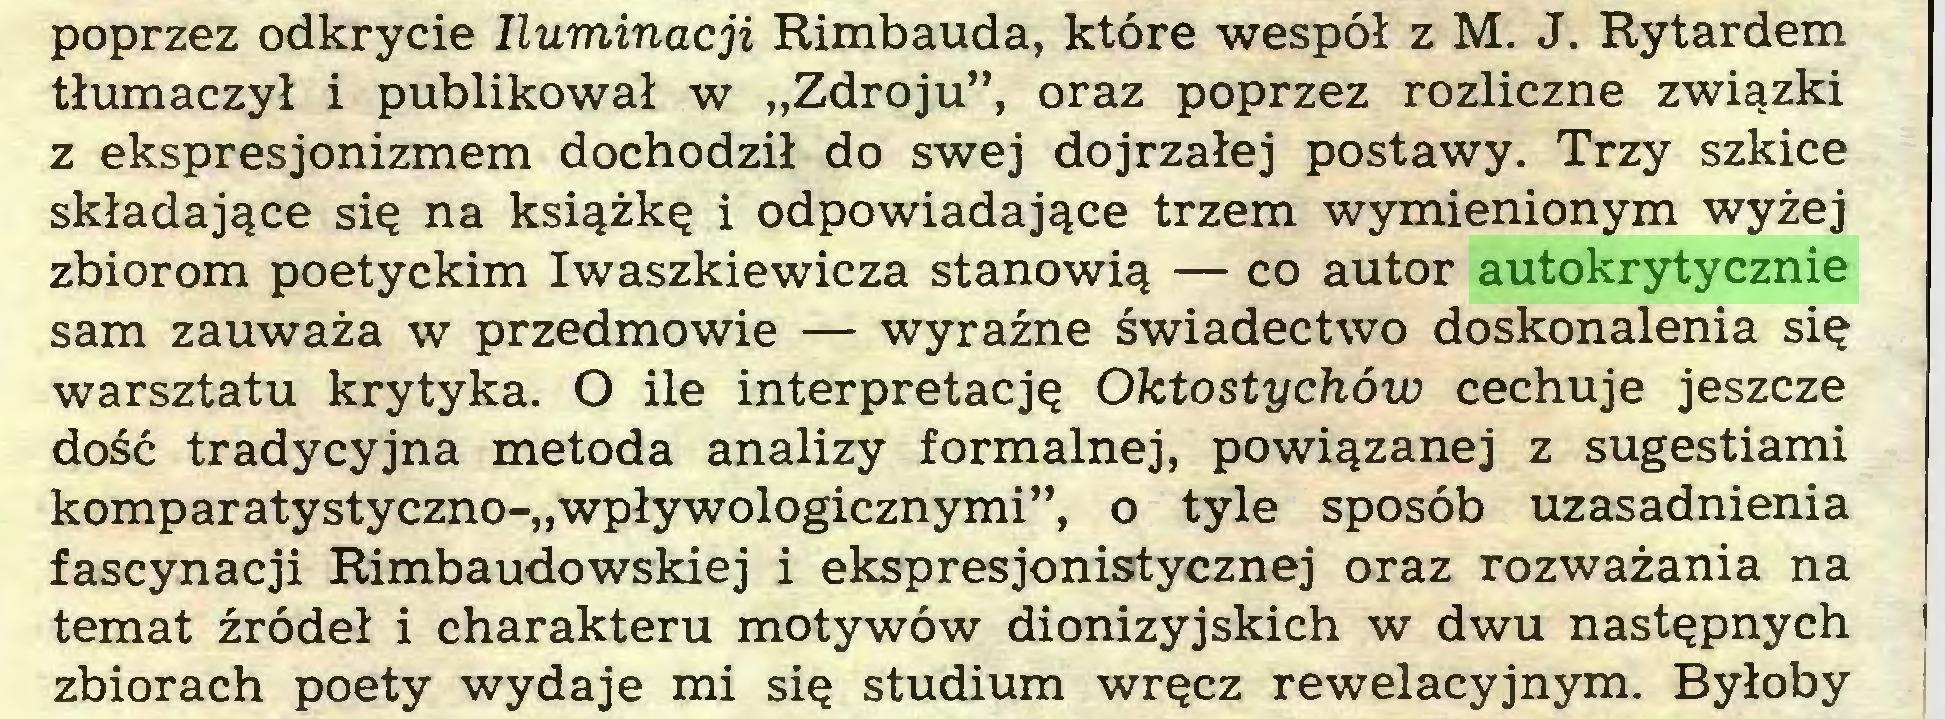 """(...) poprzez odkrycie Iluminacji Rimbauda, które wespół z M. J. Rytardem tłumaczył i publikował w """"Zdroju"""", oraz poprzez rozliczne związki z ekspresjonizmem dochodził do swej dojrzałej postawy. Trzy szkice składające się na książkę i odpowiadające trzem wymienionym wyżej zbiorom poetyckim Iwaszkiewicza stanowią — co autor autokrytycznie sam zauważa w przedmowie — wyraźne świadectwo doskonalenia się warsztatu krytyka. O ile interpretację Oktostychów cechuje jeszcze dość tradycyjna metoda analizy formalnej, powiązanej z sugestiami komparatystyczno-""""wpływologicznymi"""", o tyle sposób uzasadnienia fascynacji Rimbaudowskiej i ekspresjonistycznej oraz rozważania na temat źródeł i charakteru motywów dionizyjskich w dwu następnych I zbiorach poety wydaje mi się studium wręcz rewelacyjnym. Byłoby..."""